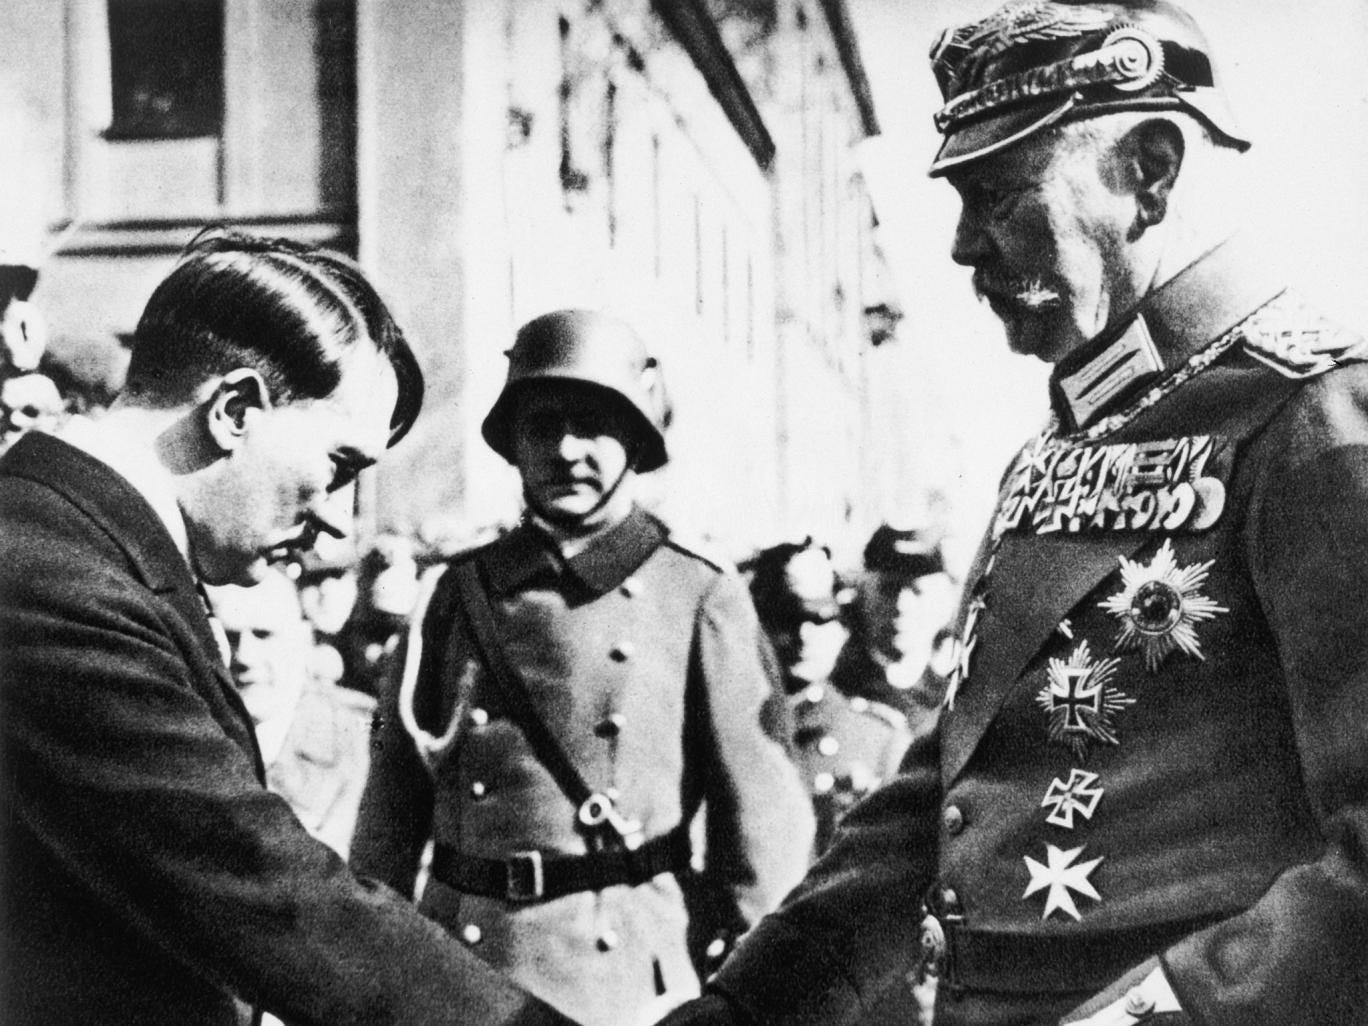 Paul von Hindenburg, the then President, shakes hands with Adolf Hitler at Potsdam's Garrison Church in 1933